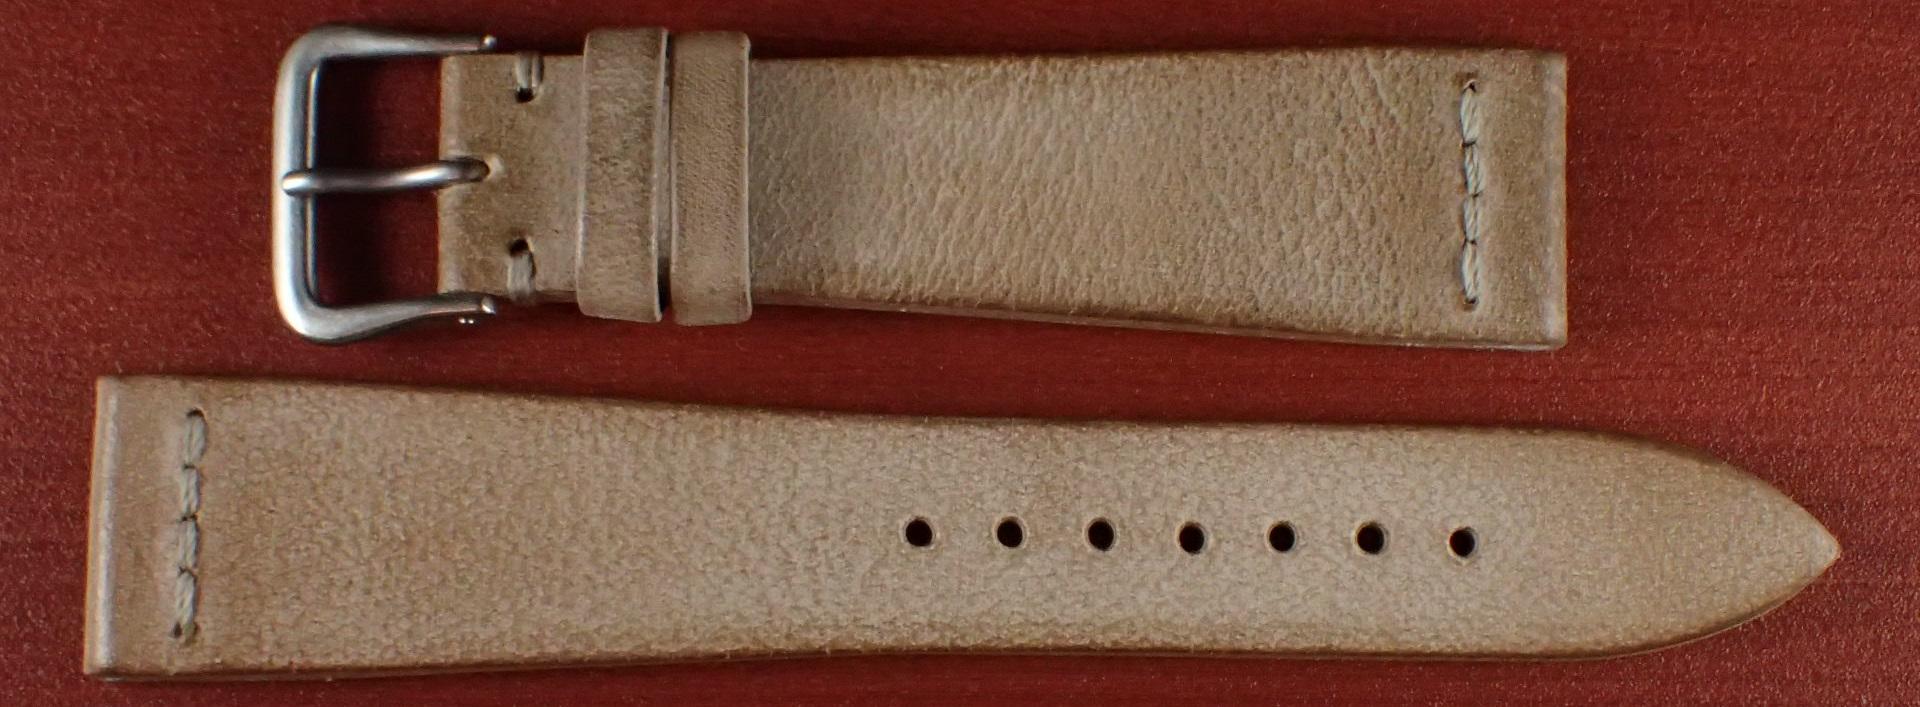 ブライドルレザーベルト ラ・ペルラ・アッズーラ アラスカ 一文字ステッチ ナチュラル 18、20mm